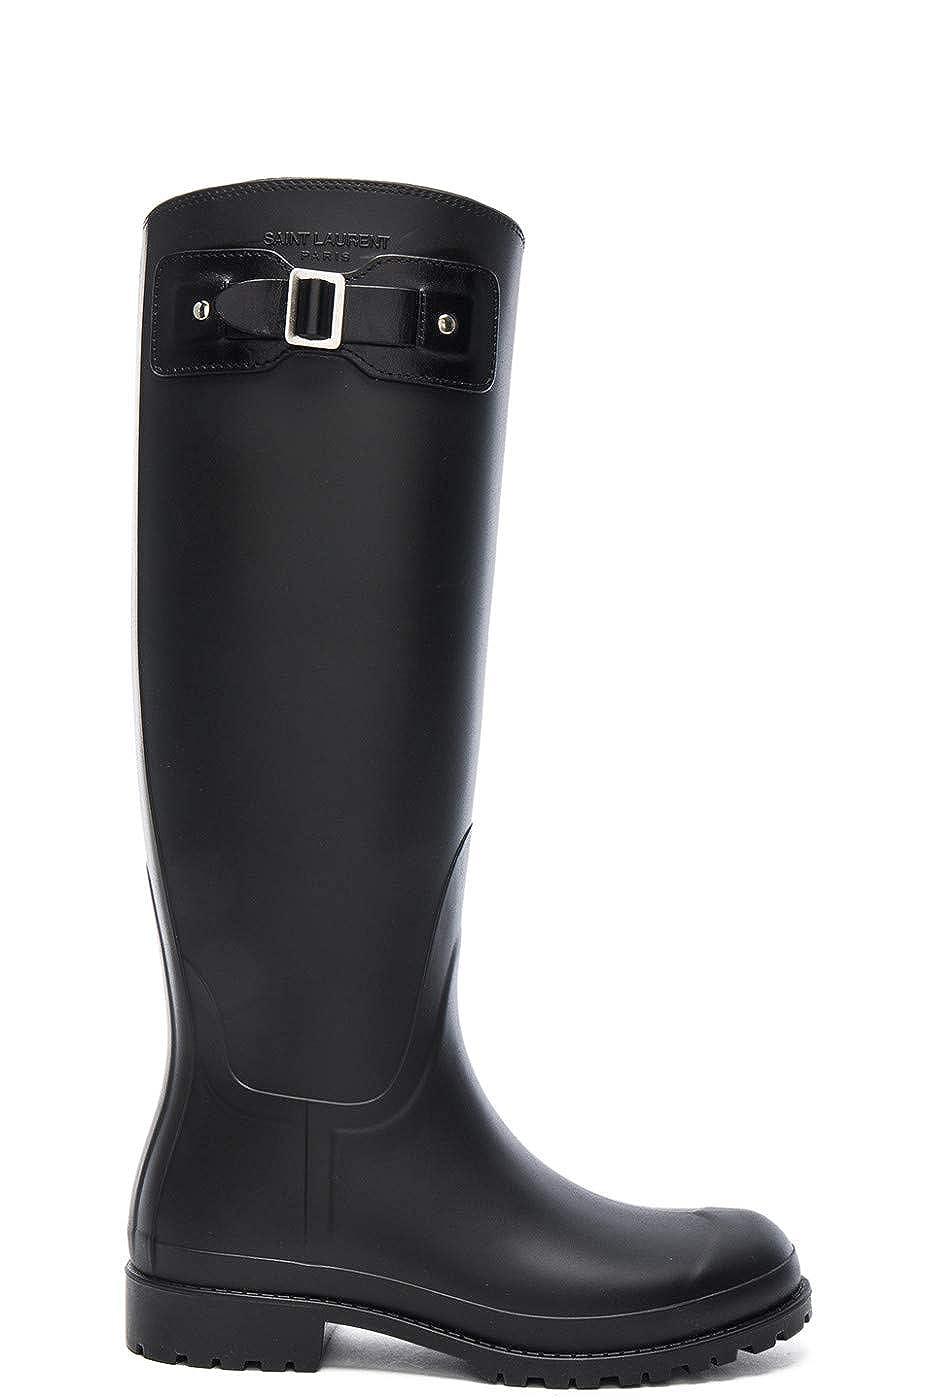 f7a10e5436e Amazon.com | Saint Laurent Women's Black Rubber Festival Buckle Rain Boots  Shoes, US 5 / EU 35, Black | Shoes